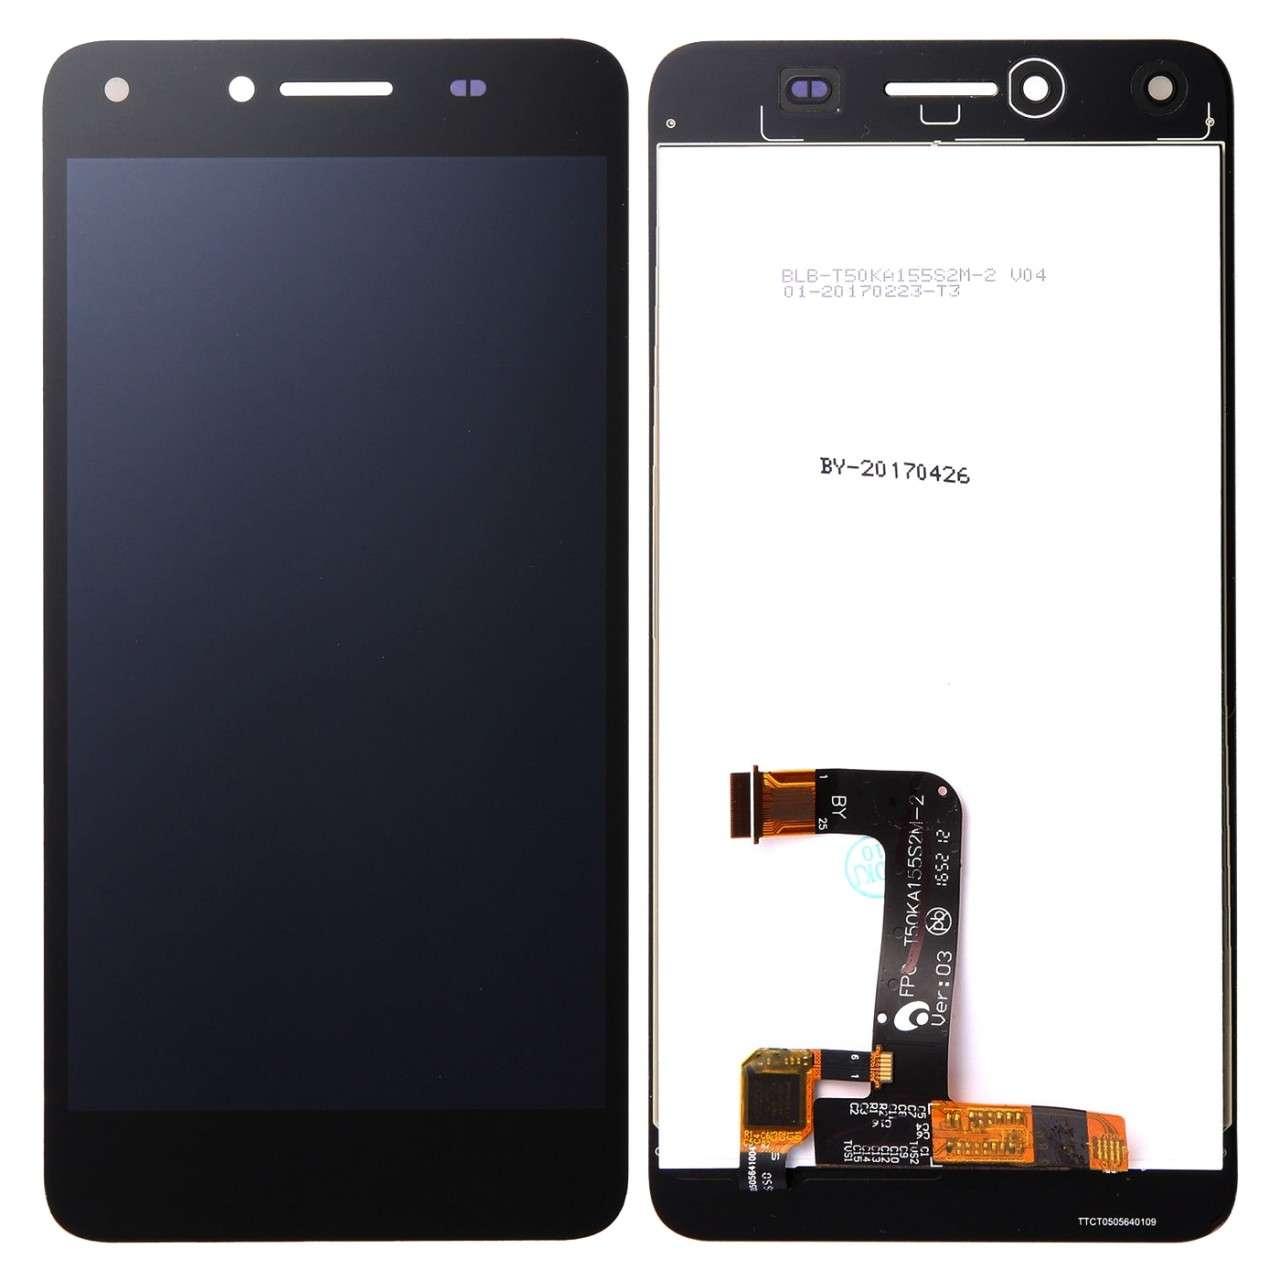 Display Huawei Y5II CUN L21 Black Negru imagine powerlaptop.ro 2021